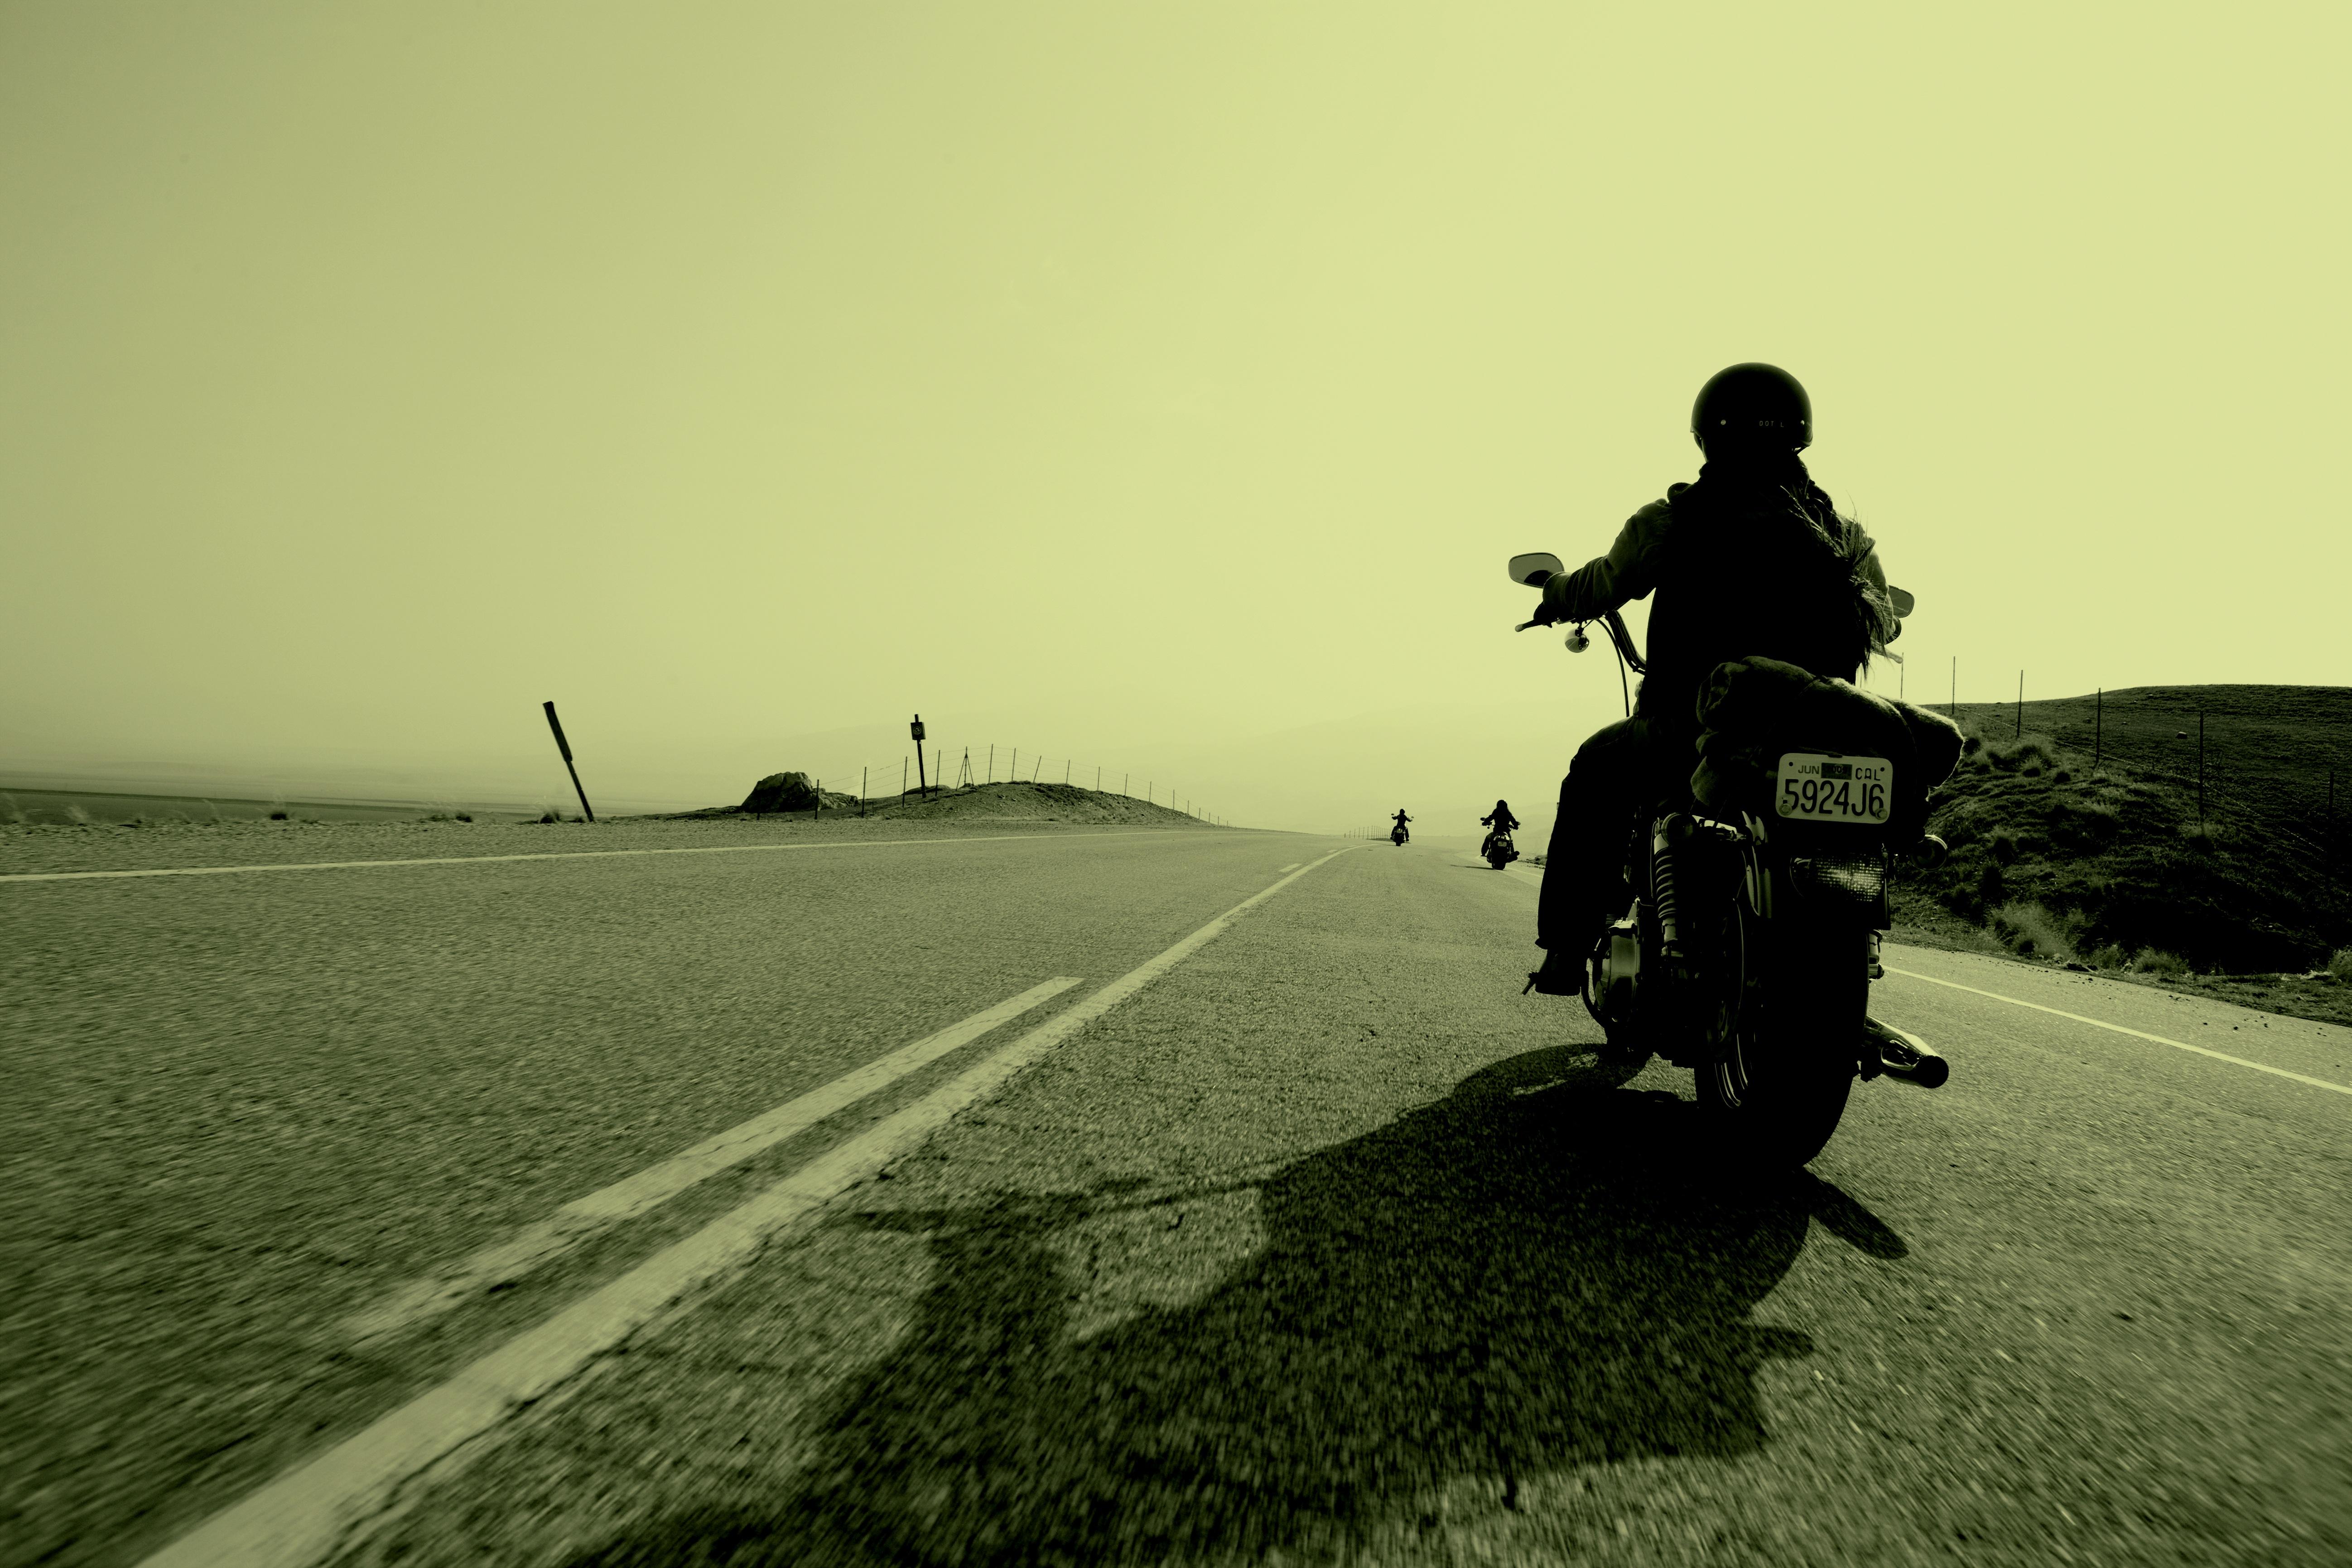 ретро-стиле картинки уезжающего мотоцикла потрясающе стильные, объемные